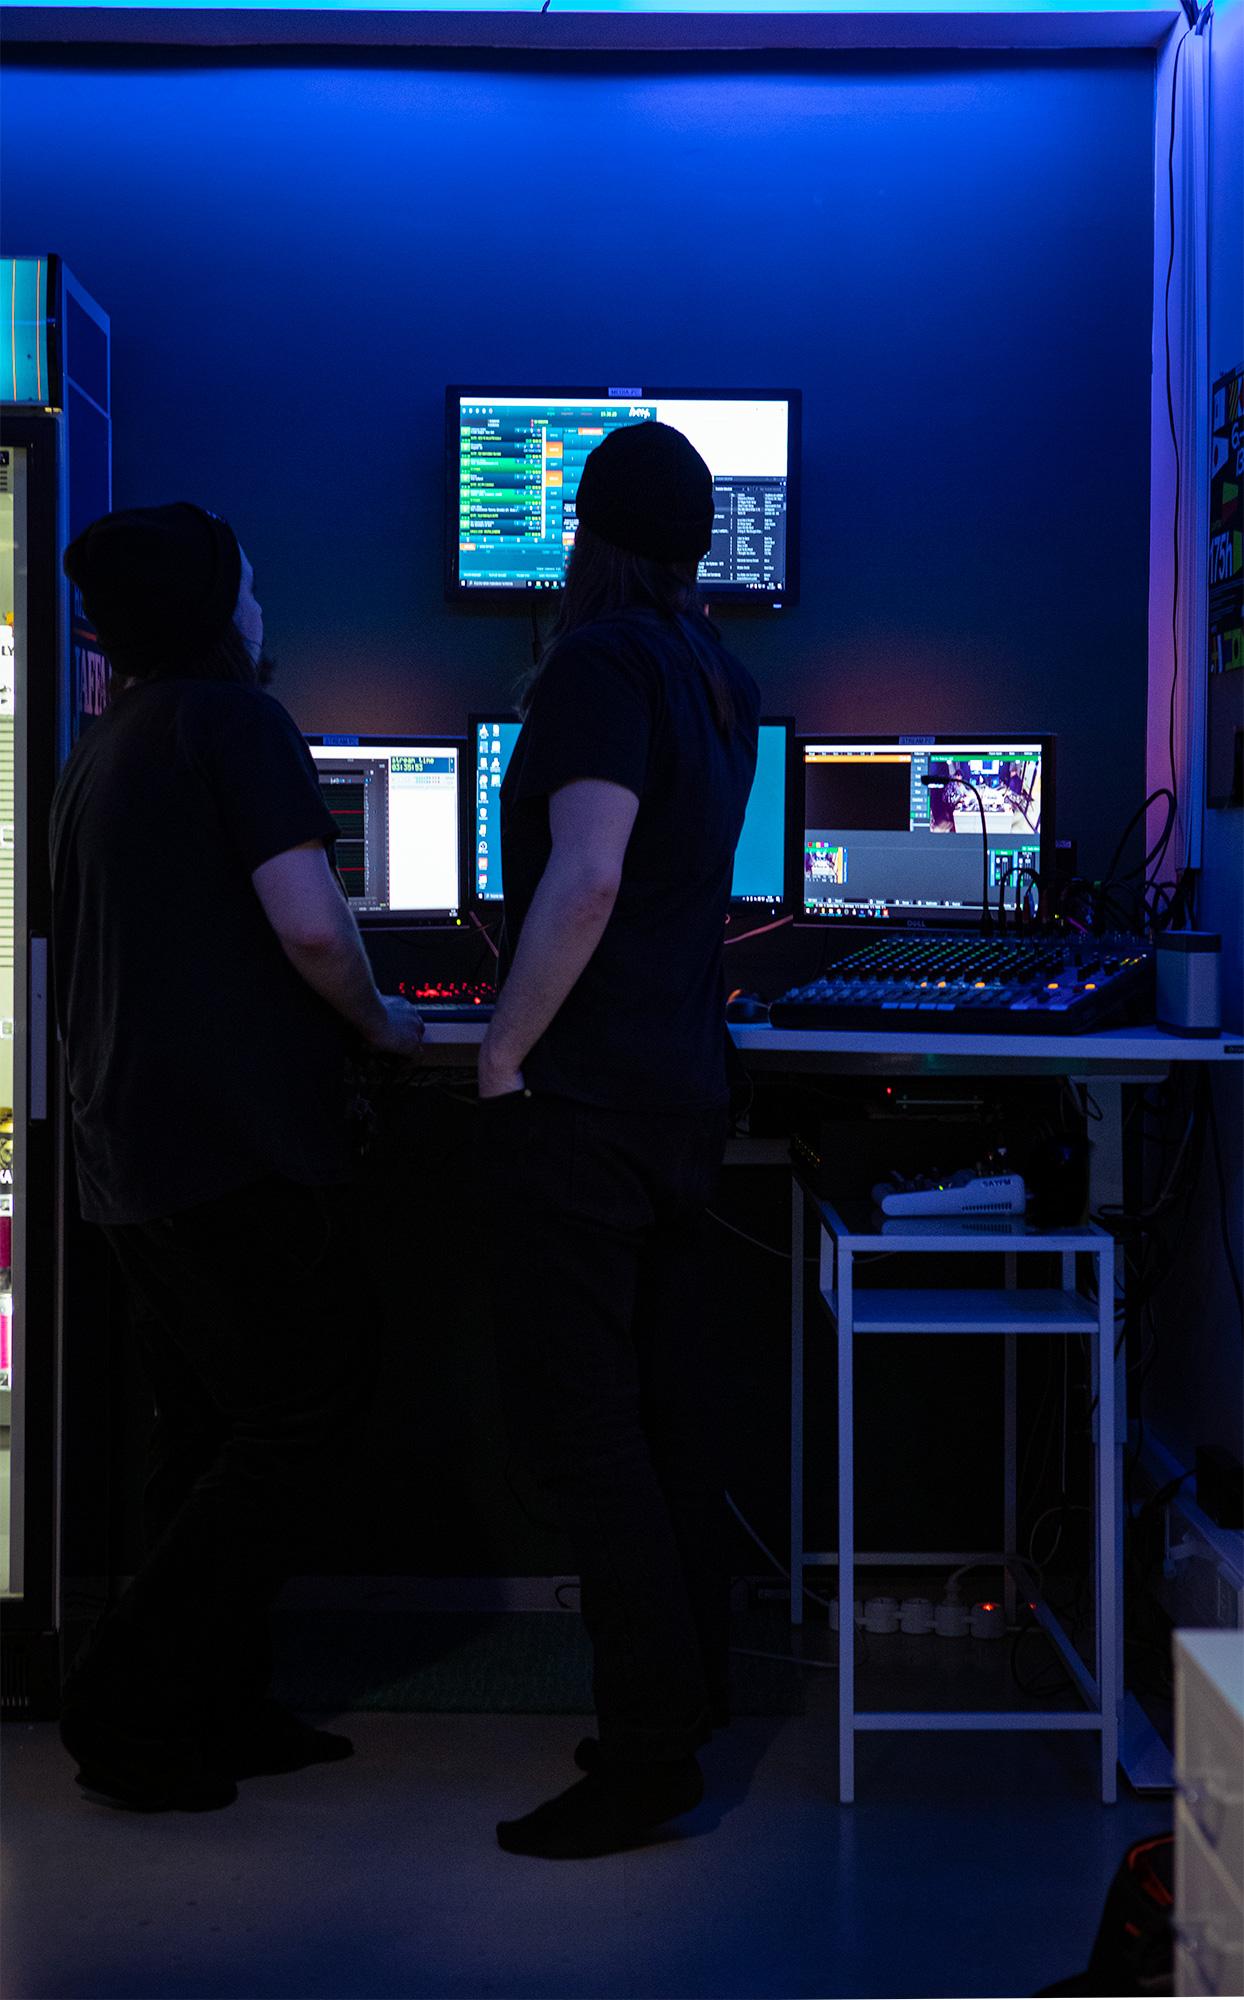 Kaksi mustiin pukeutunutta pipopäistä miestä tutkimassa studion näyttöruutuja